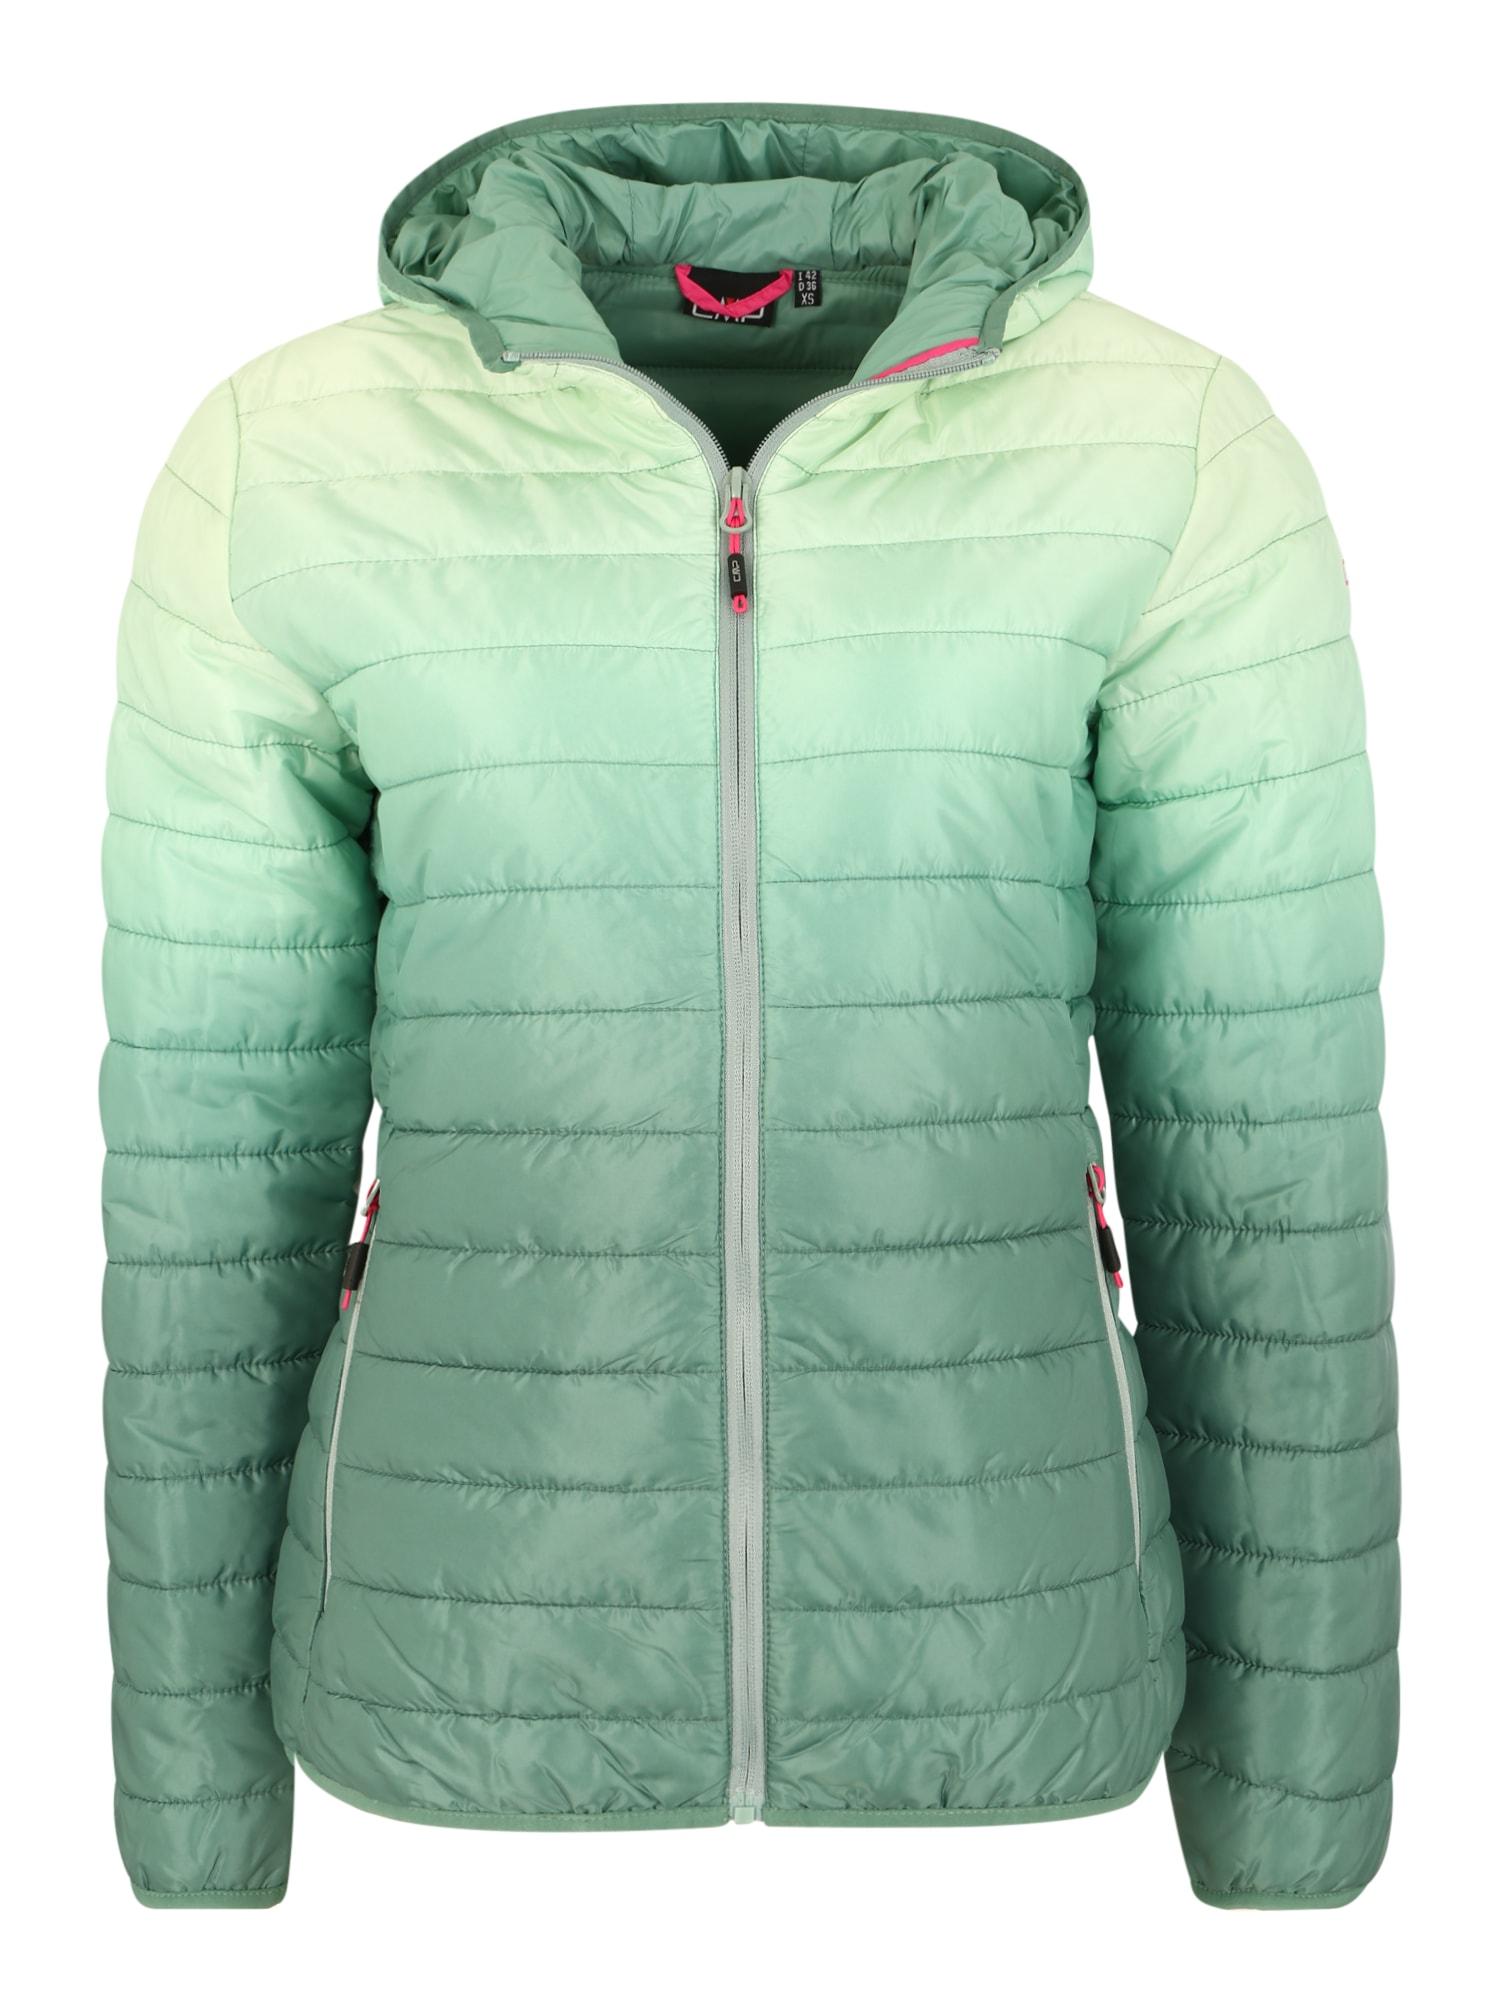 CMP Laisvalaikio striukė pastelinė žalia / smaragdinė spalva / žolės žalia